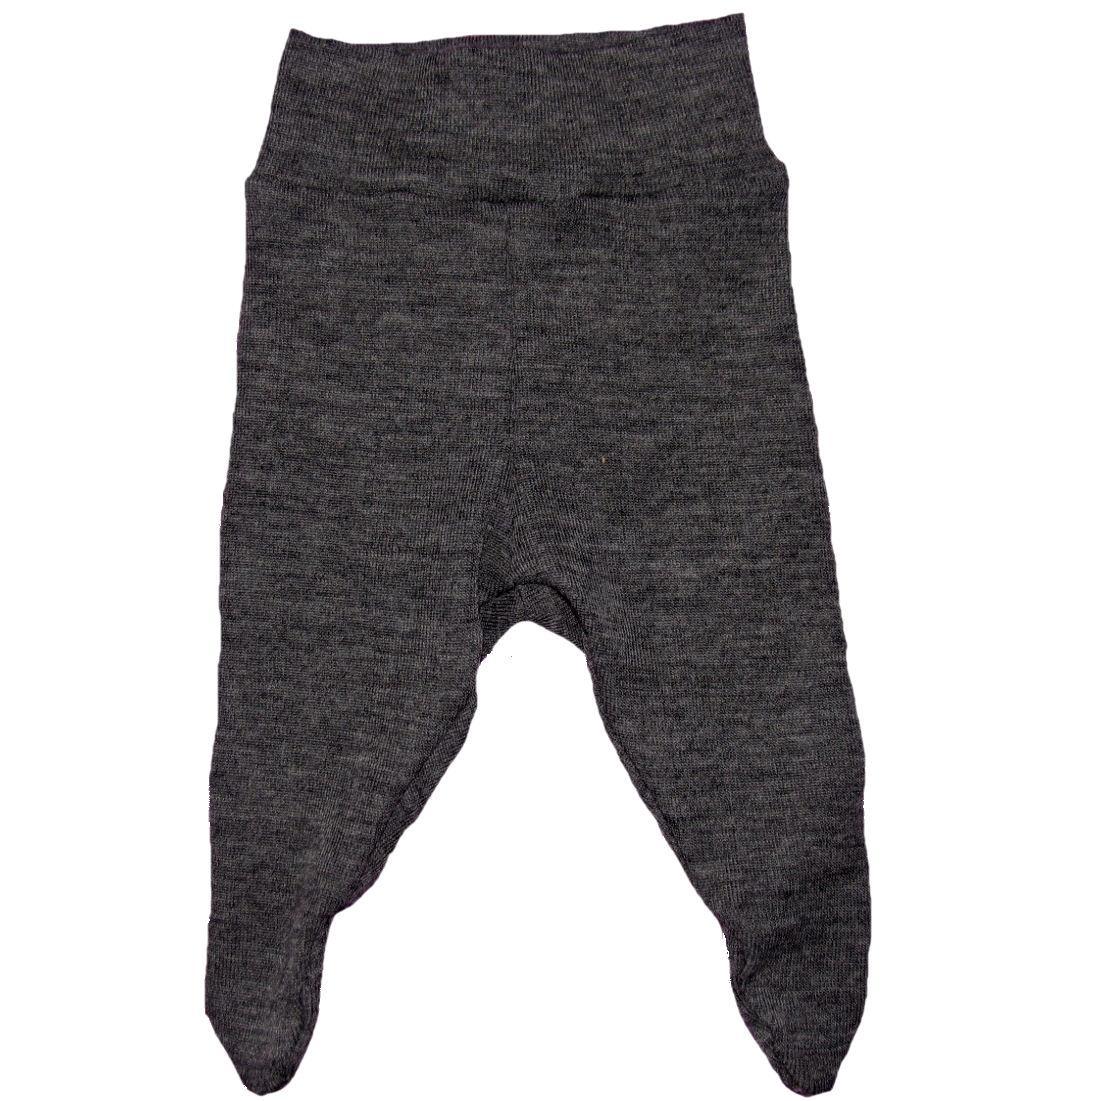 LT design præmatur bukser med fødder uld koksgrå str. 38, 44